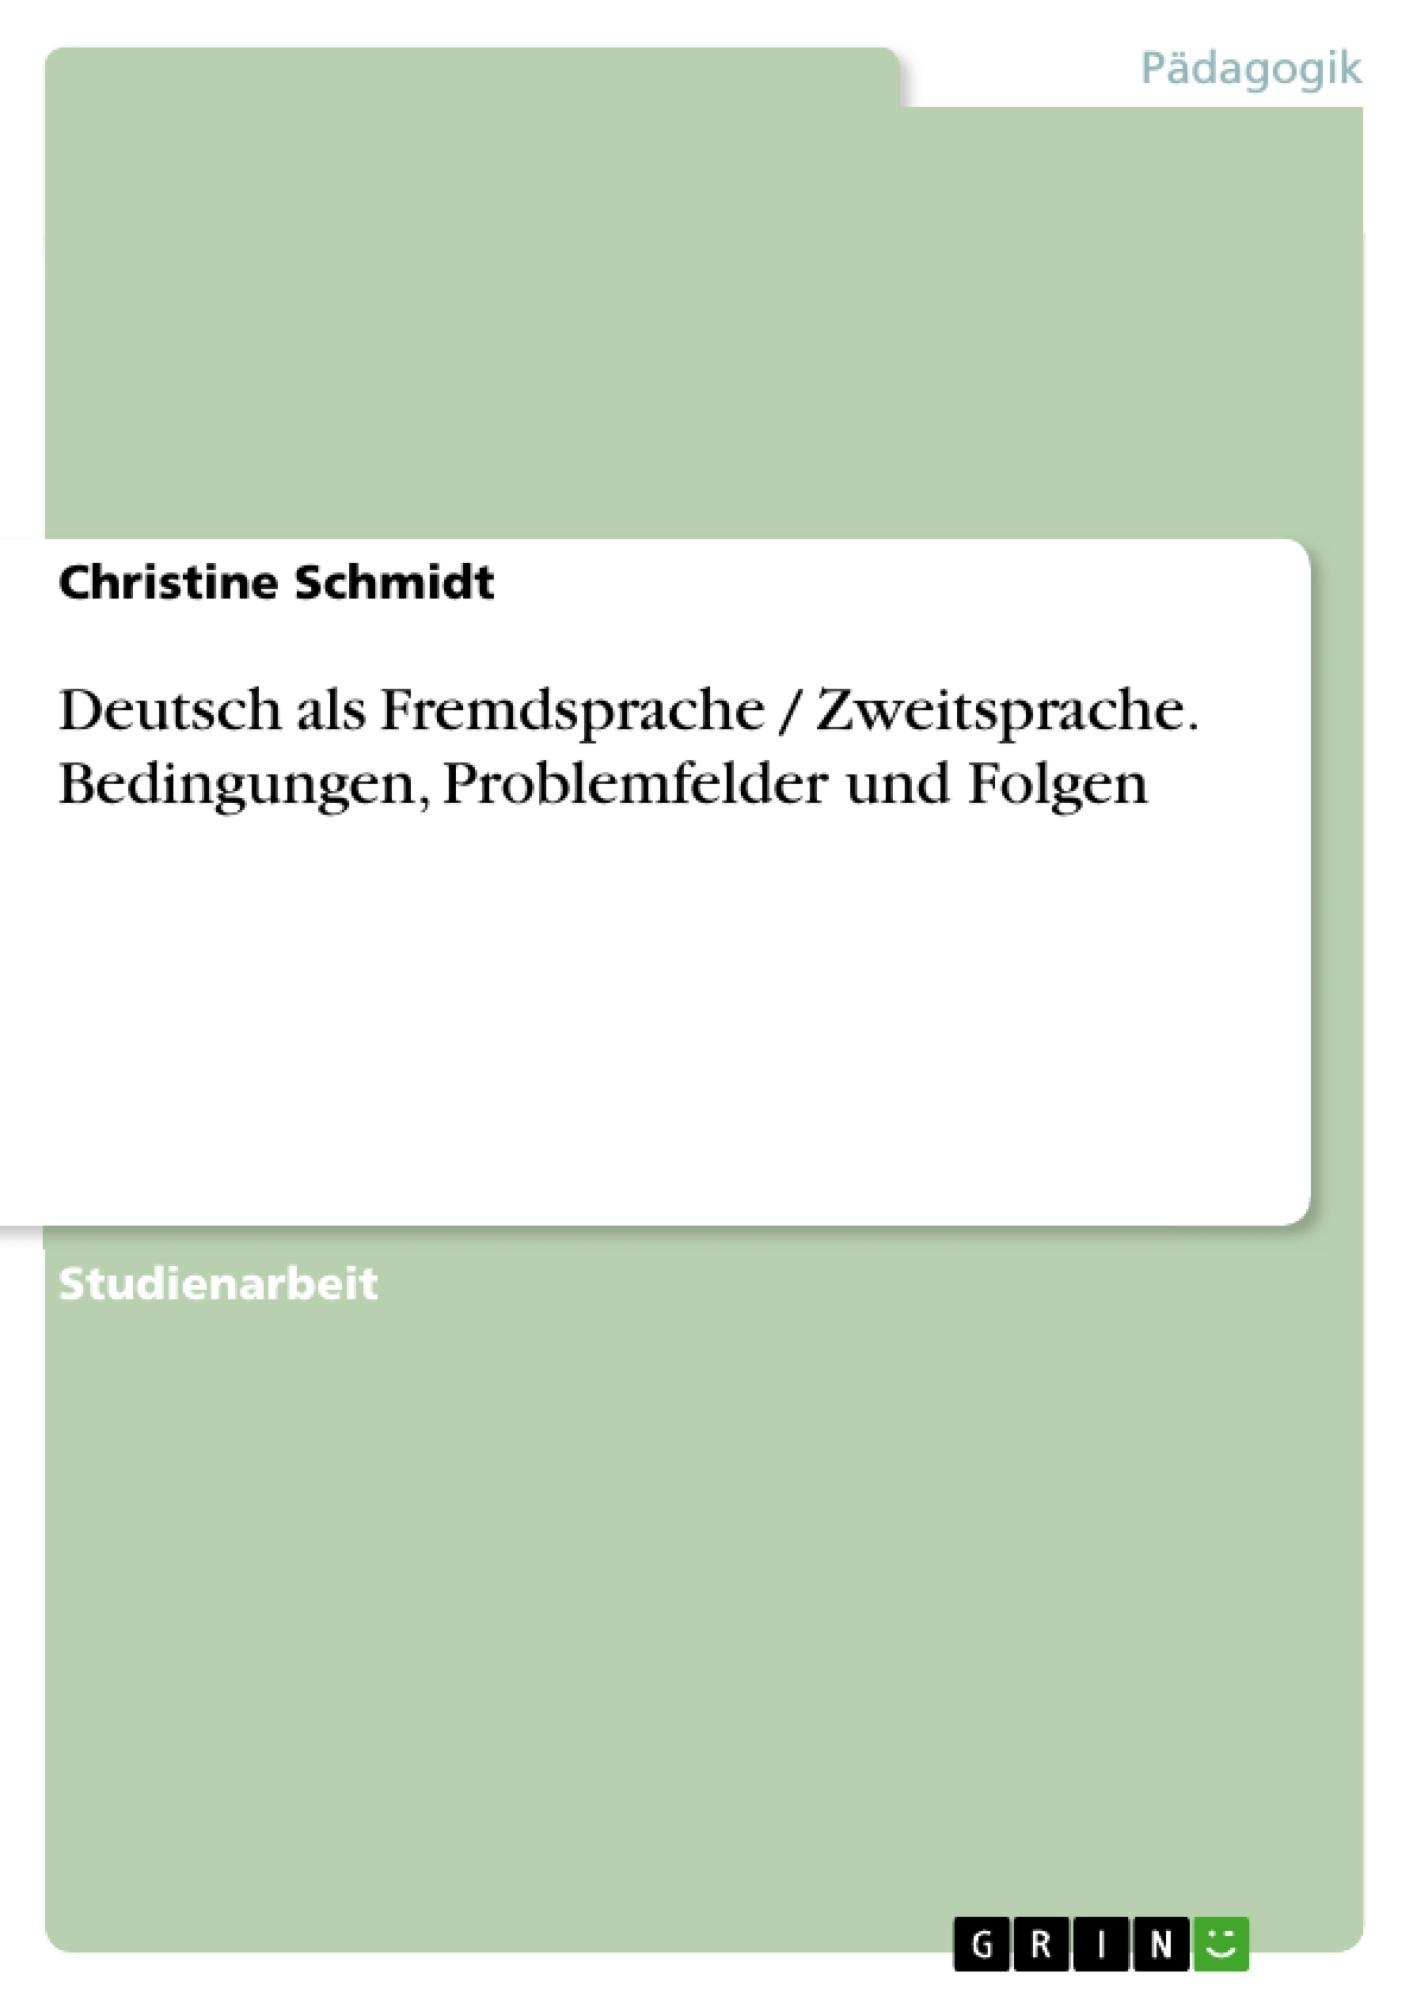 Titel: Deutsch als Fremdsprache / Zweitsprache. Bedingungen, Problemfelder und Folgen